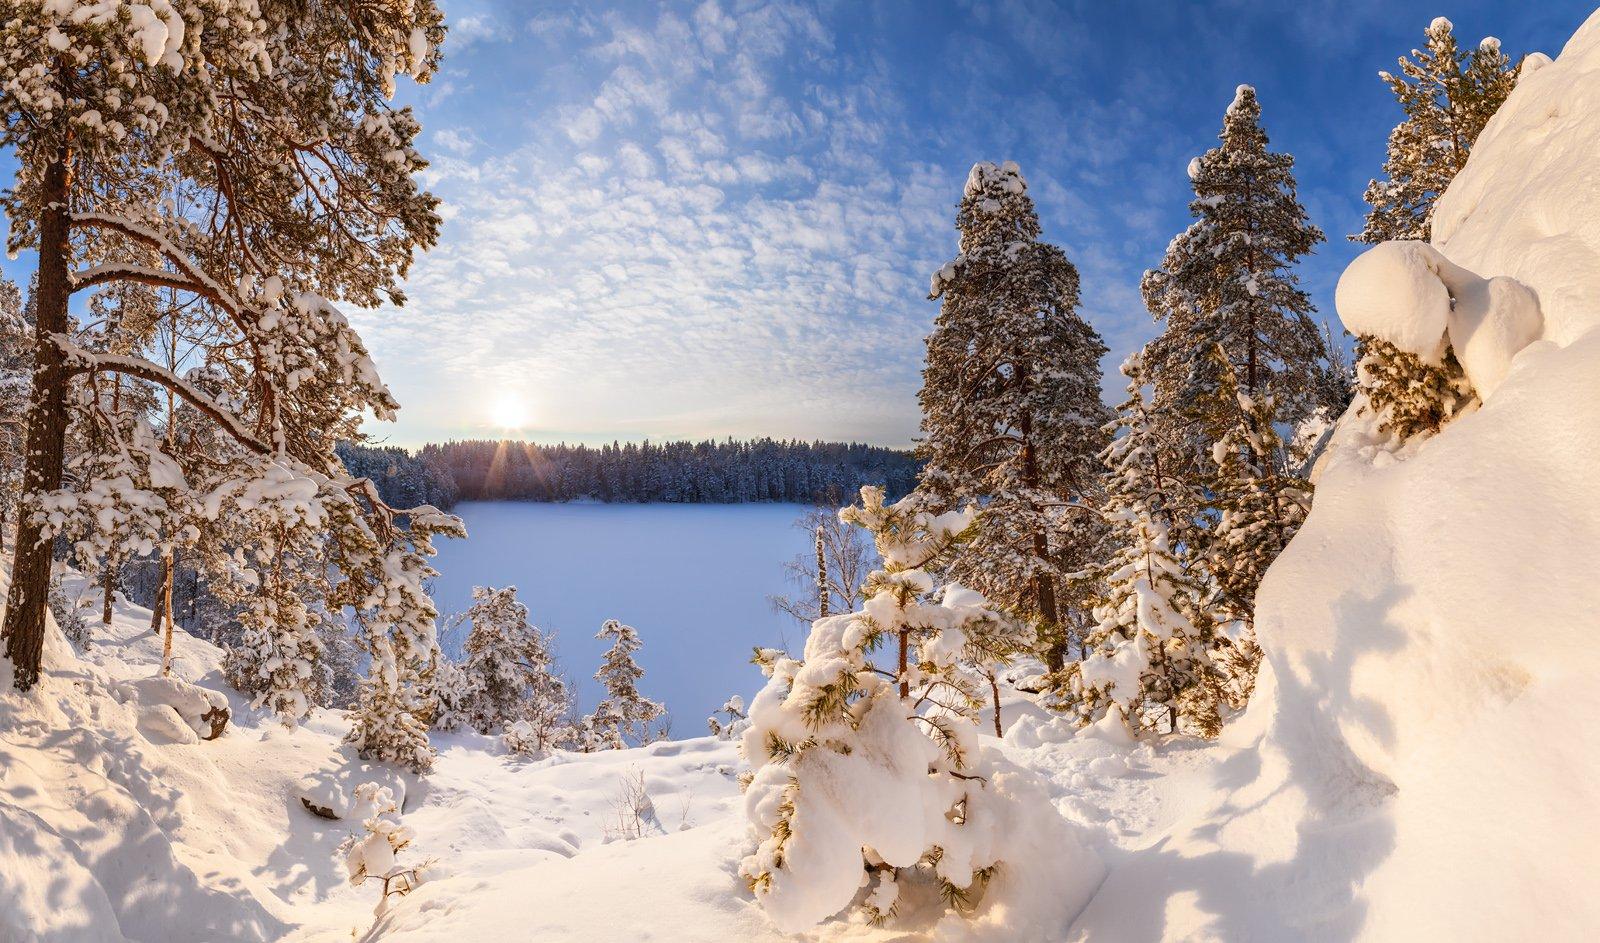 Ястребиное, Парнас, Ленинградская область, Ленобласть, зимний пейзаж, январь, Арсений Кашкаров